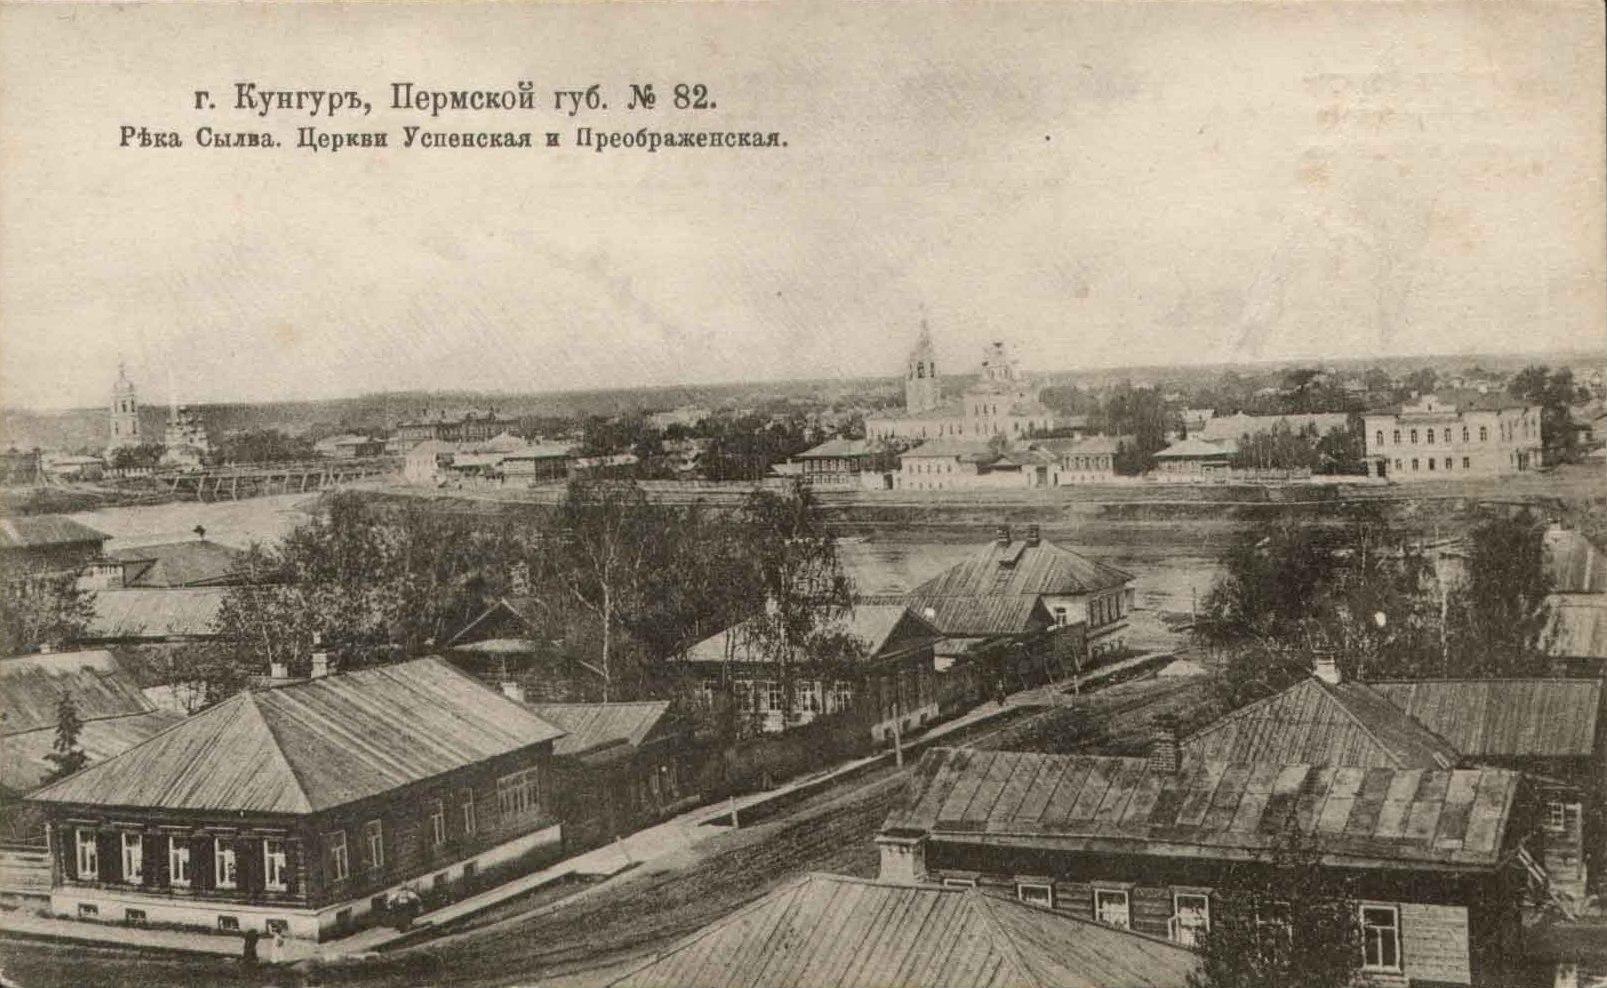 Река Сылва. Церкви Успенская и Преображенская